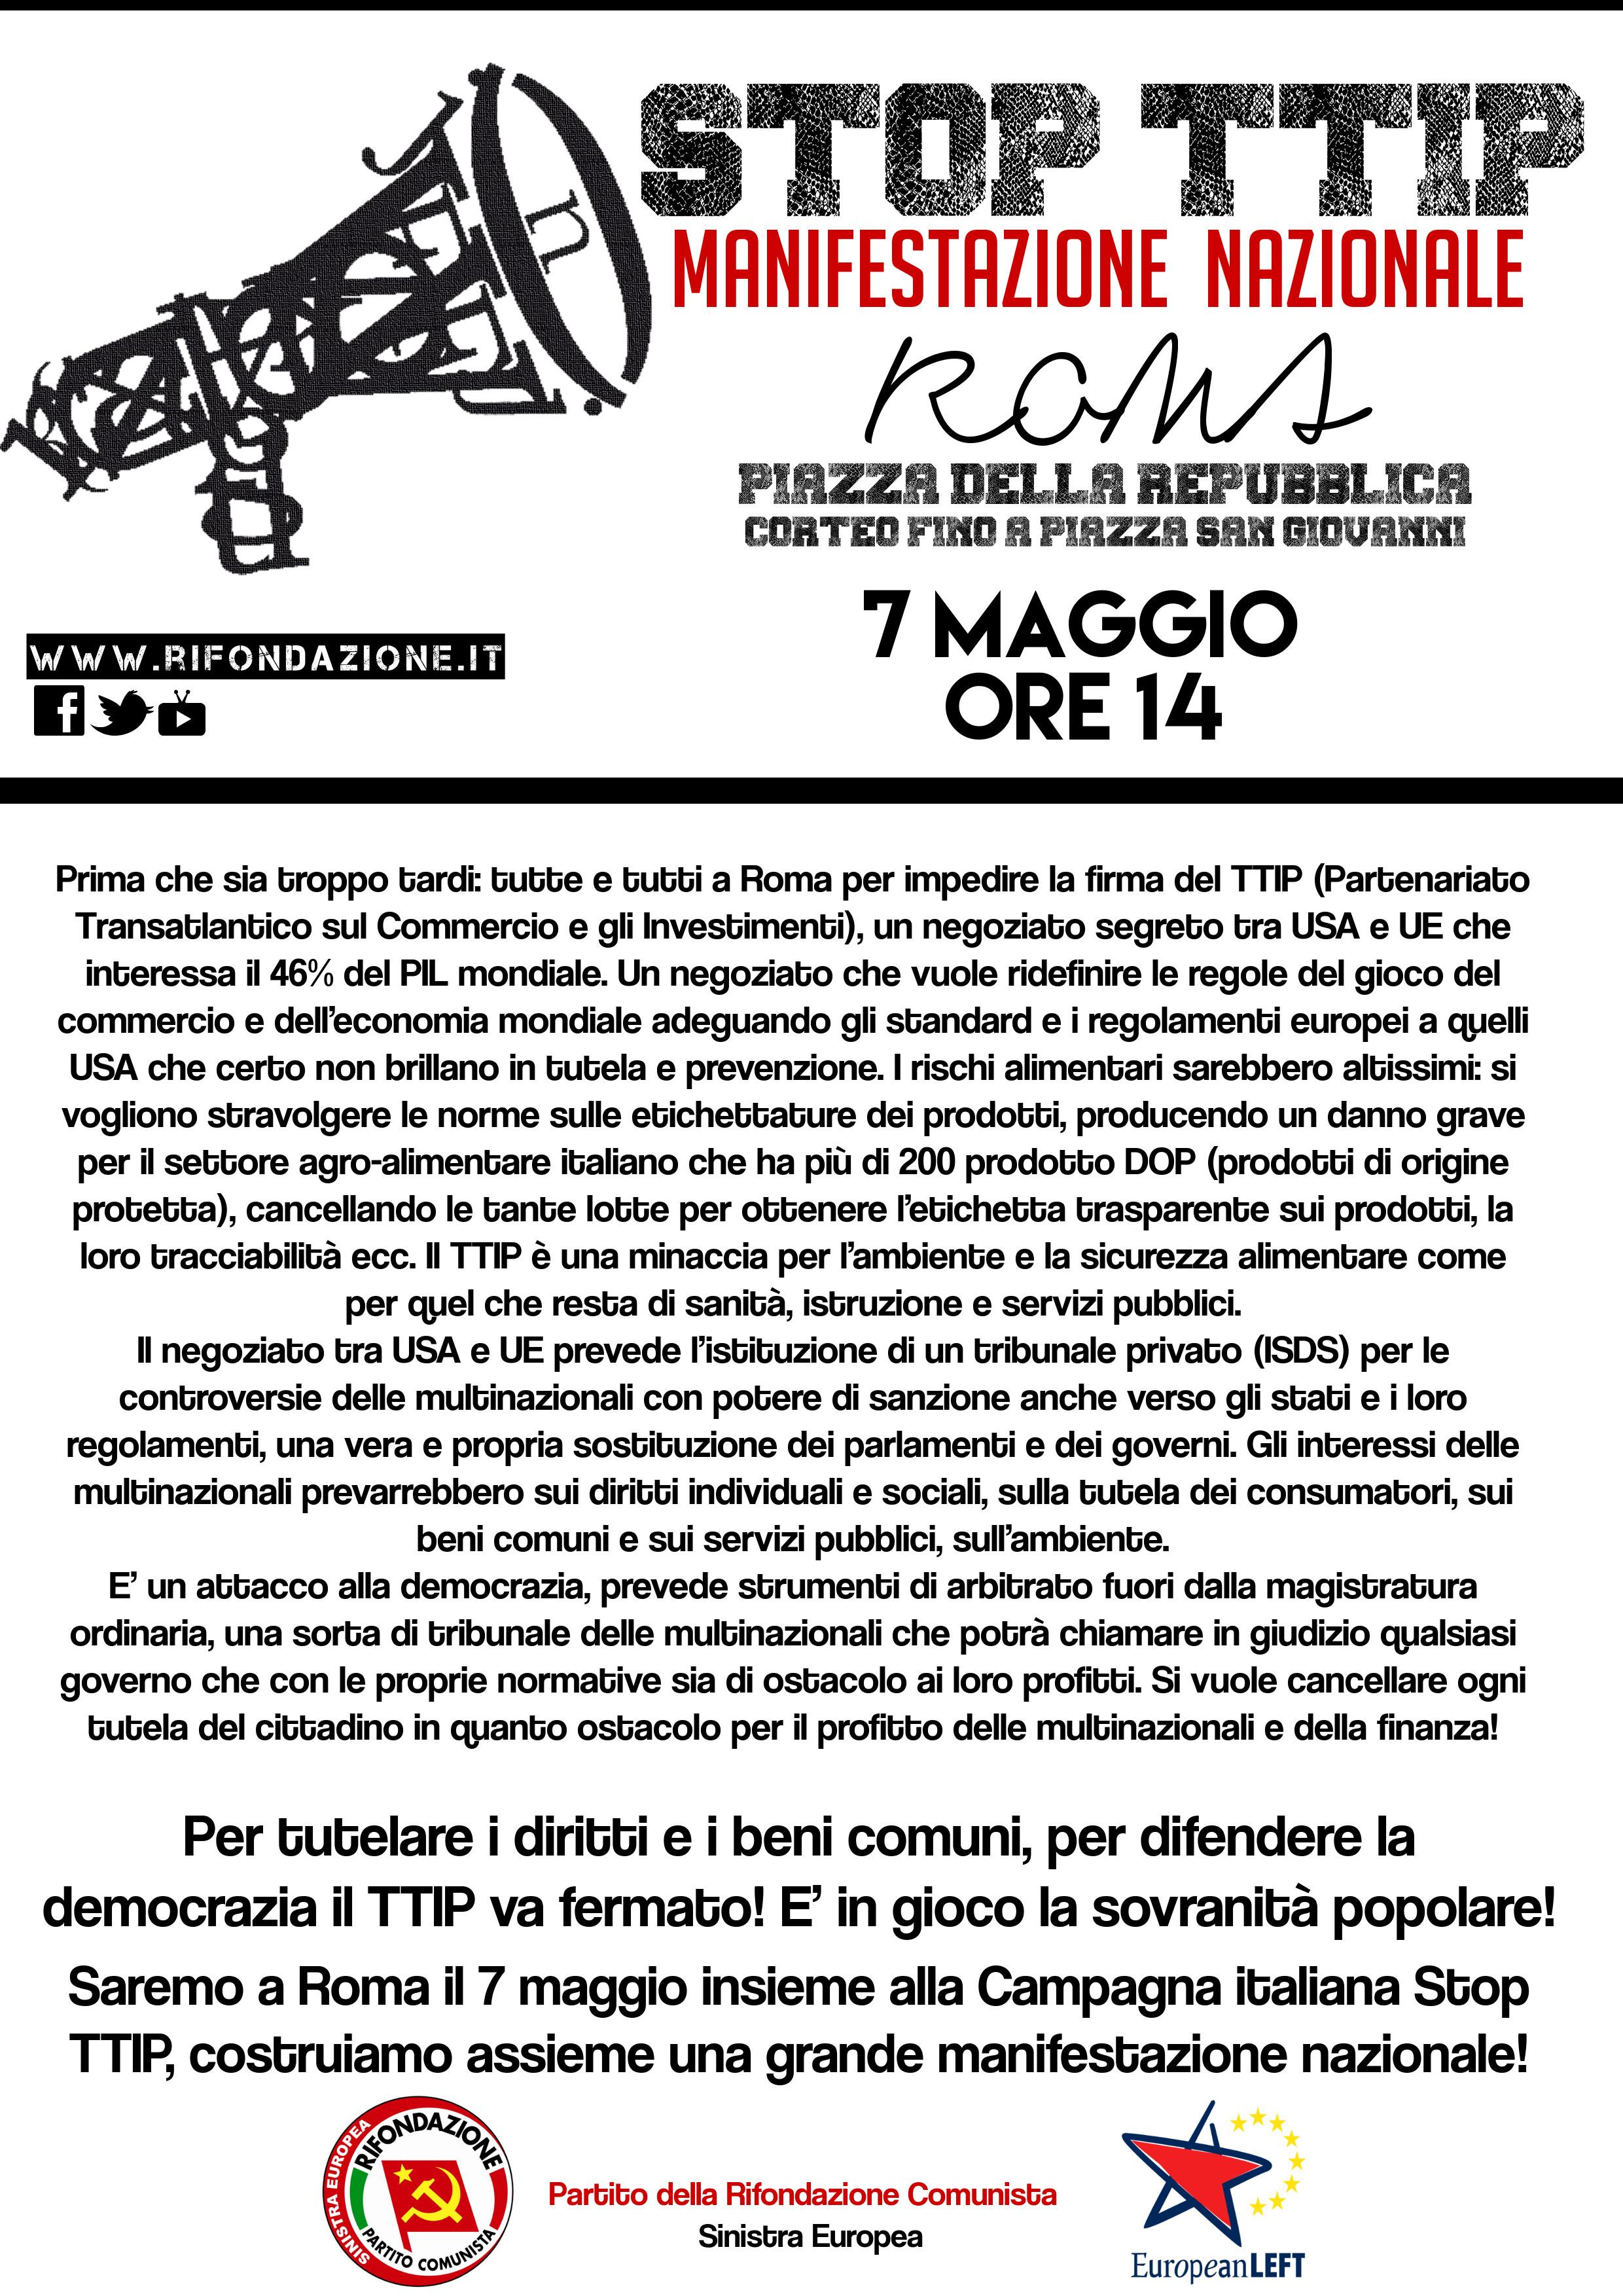 7 maggio Stop TTIP 3